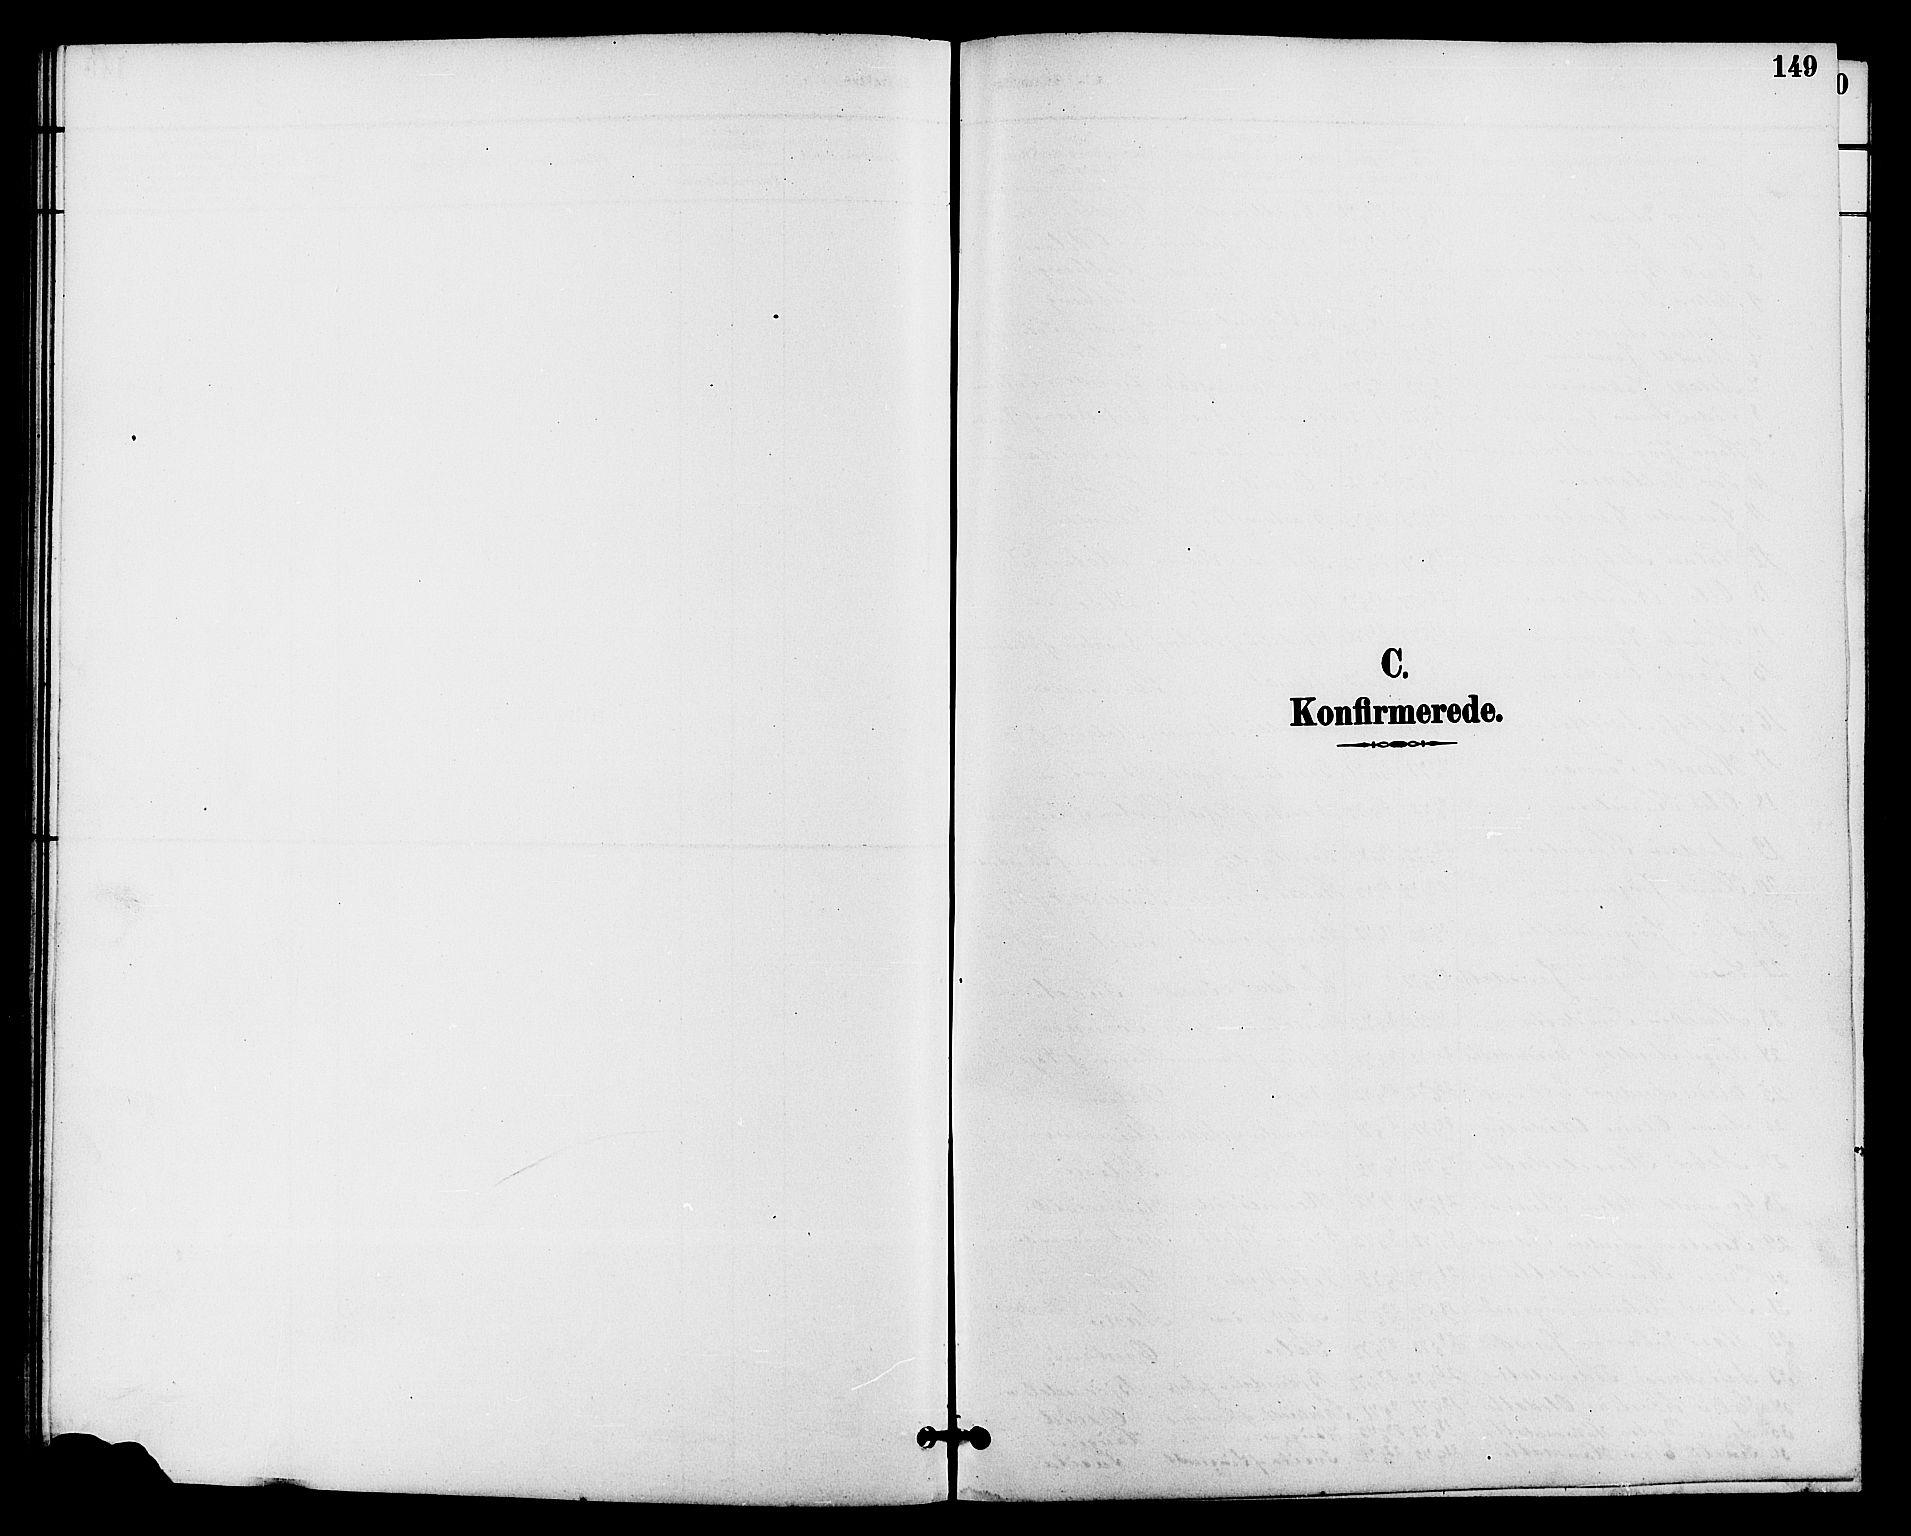 SAKO, Drangedal kirkebøker, G/Ga/L0003: Klokkerbok nr. I 3, 1887-1906, s. 149